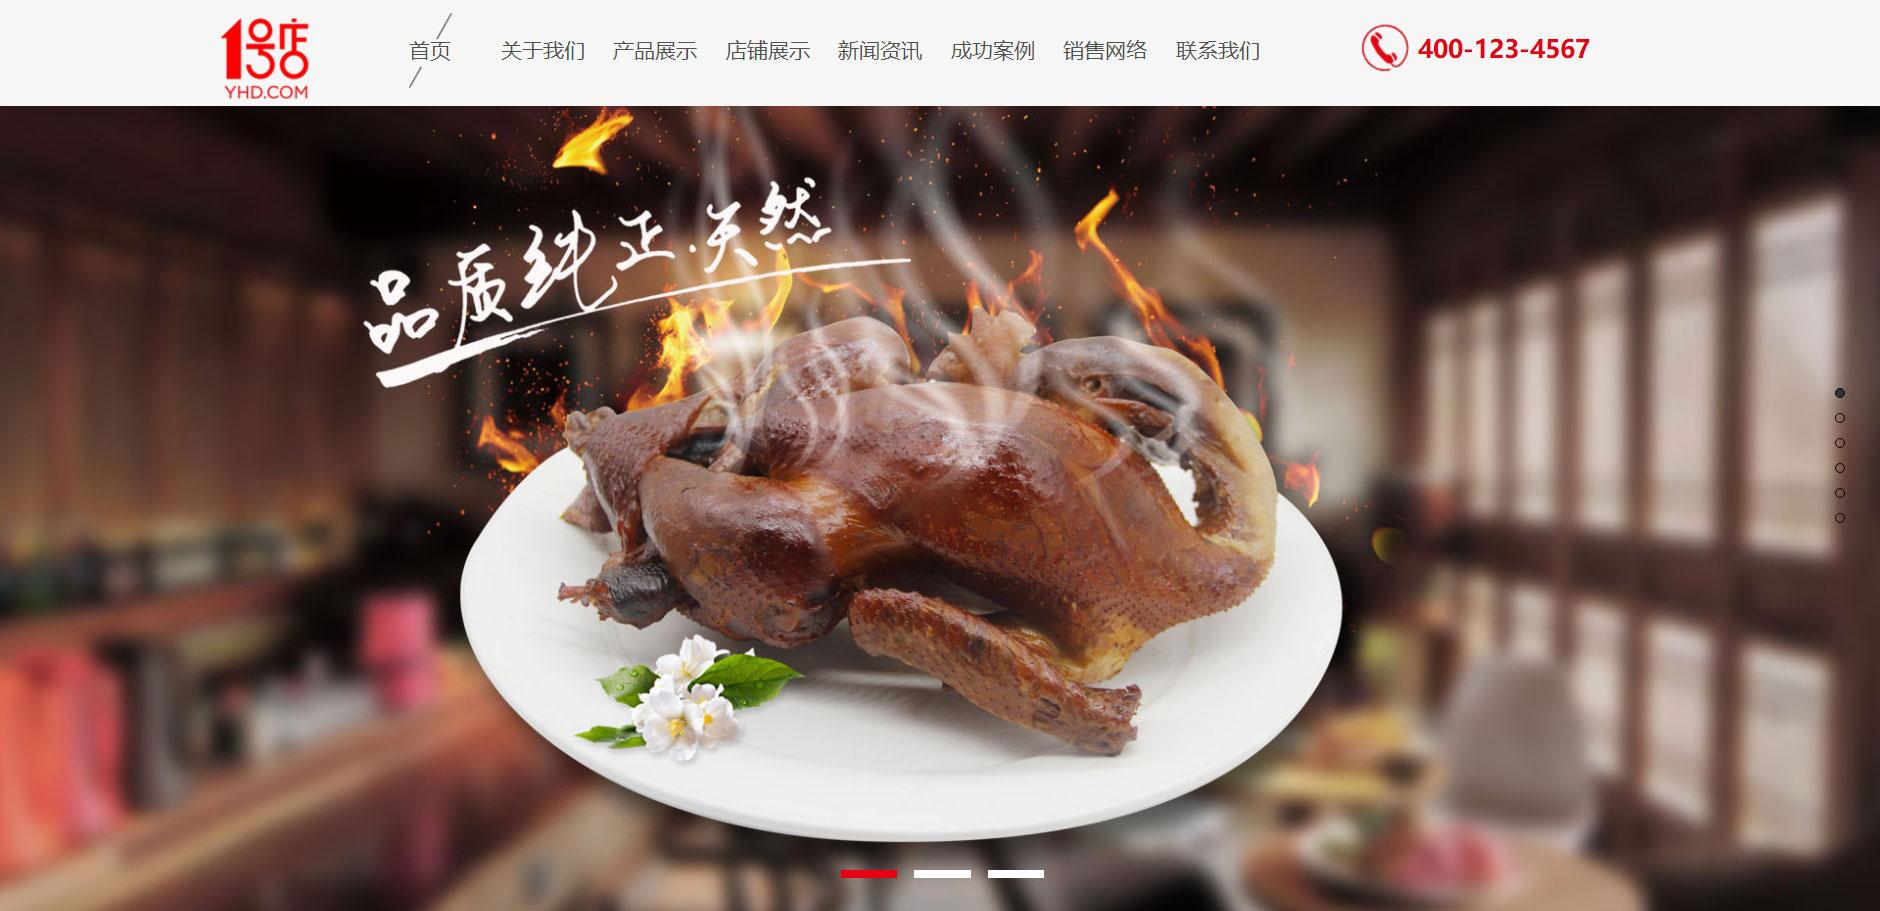 响应式特产美食食品公司网站模板(自适应手机移动端)